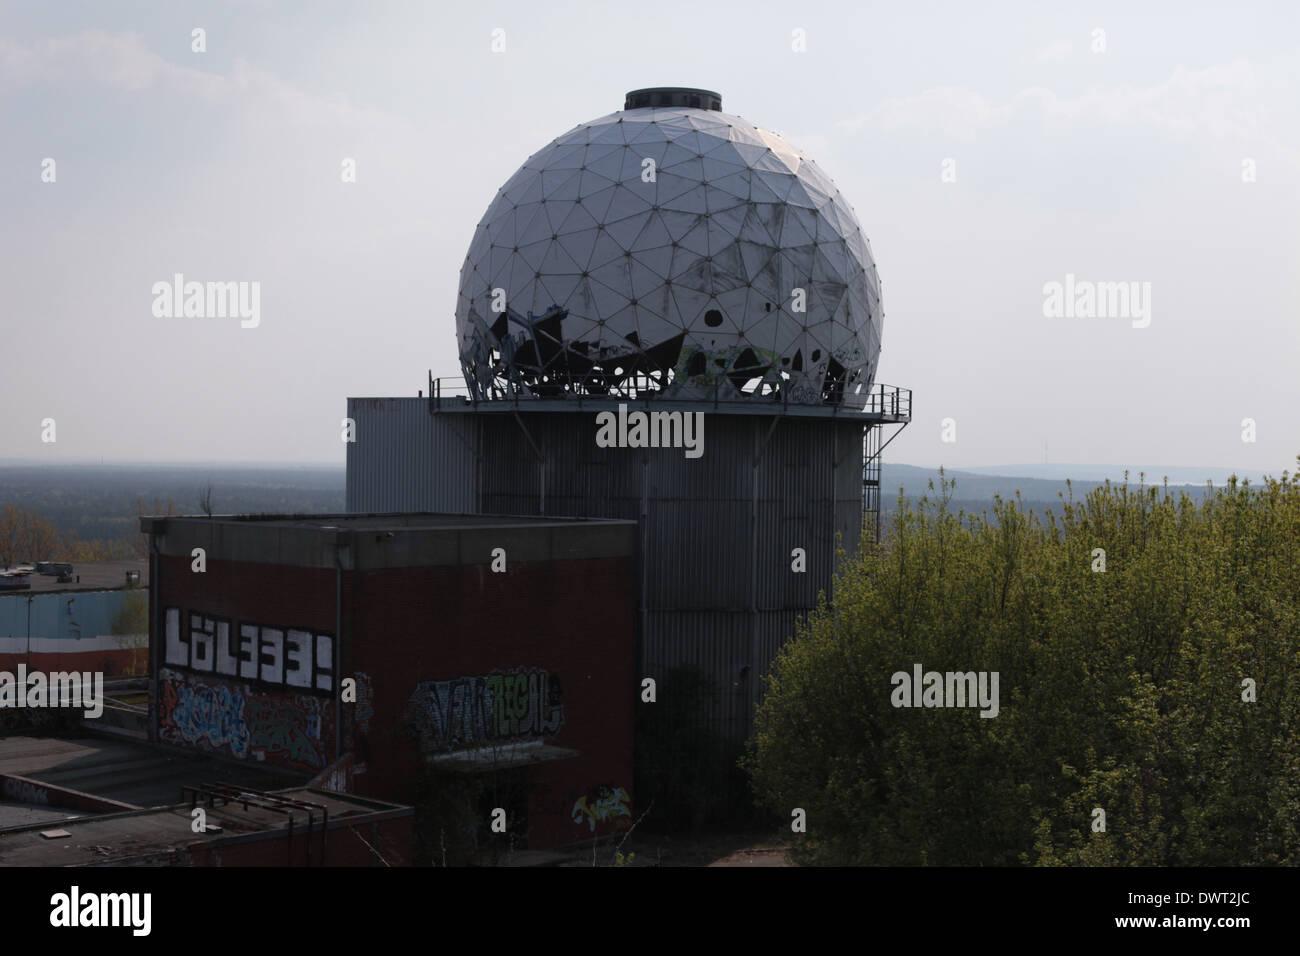 La cupola di ricetrasmissione della guerra fredda NSA (National Security Agency) spy post ascolto in cima Teufelsberg Hill, Berlino Immagini Stock